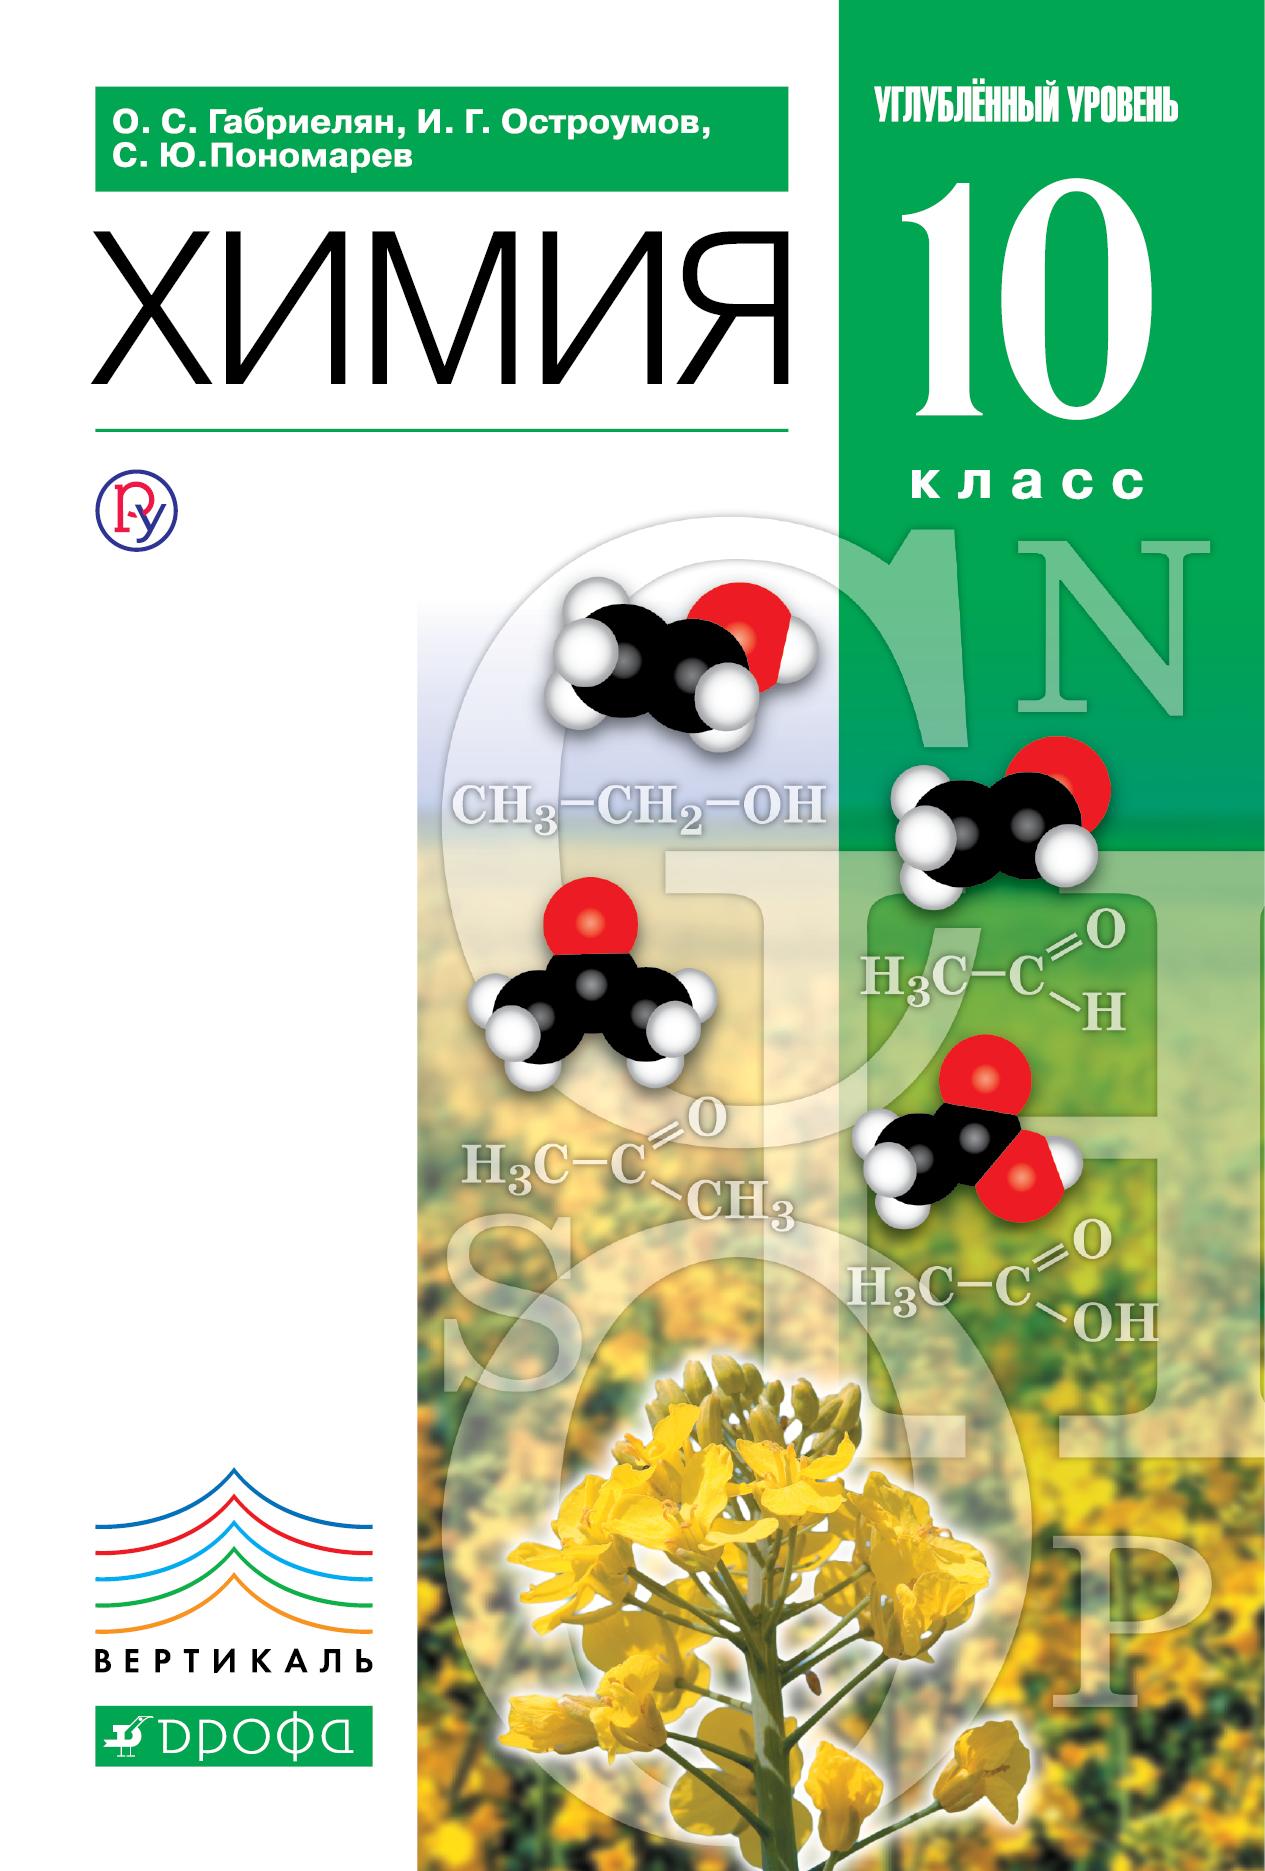 Габриелян О.С., Пономарев С.Ю., Остроумов И.Г. Химия. Углубленный уровень. 10 класс. Учебник химия 8 класс учебник фгос